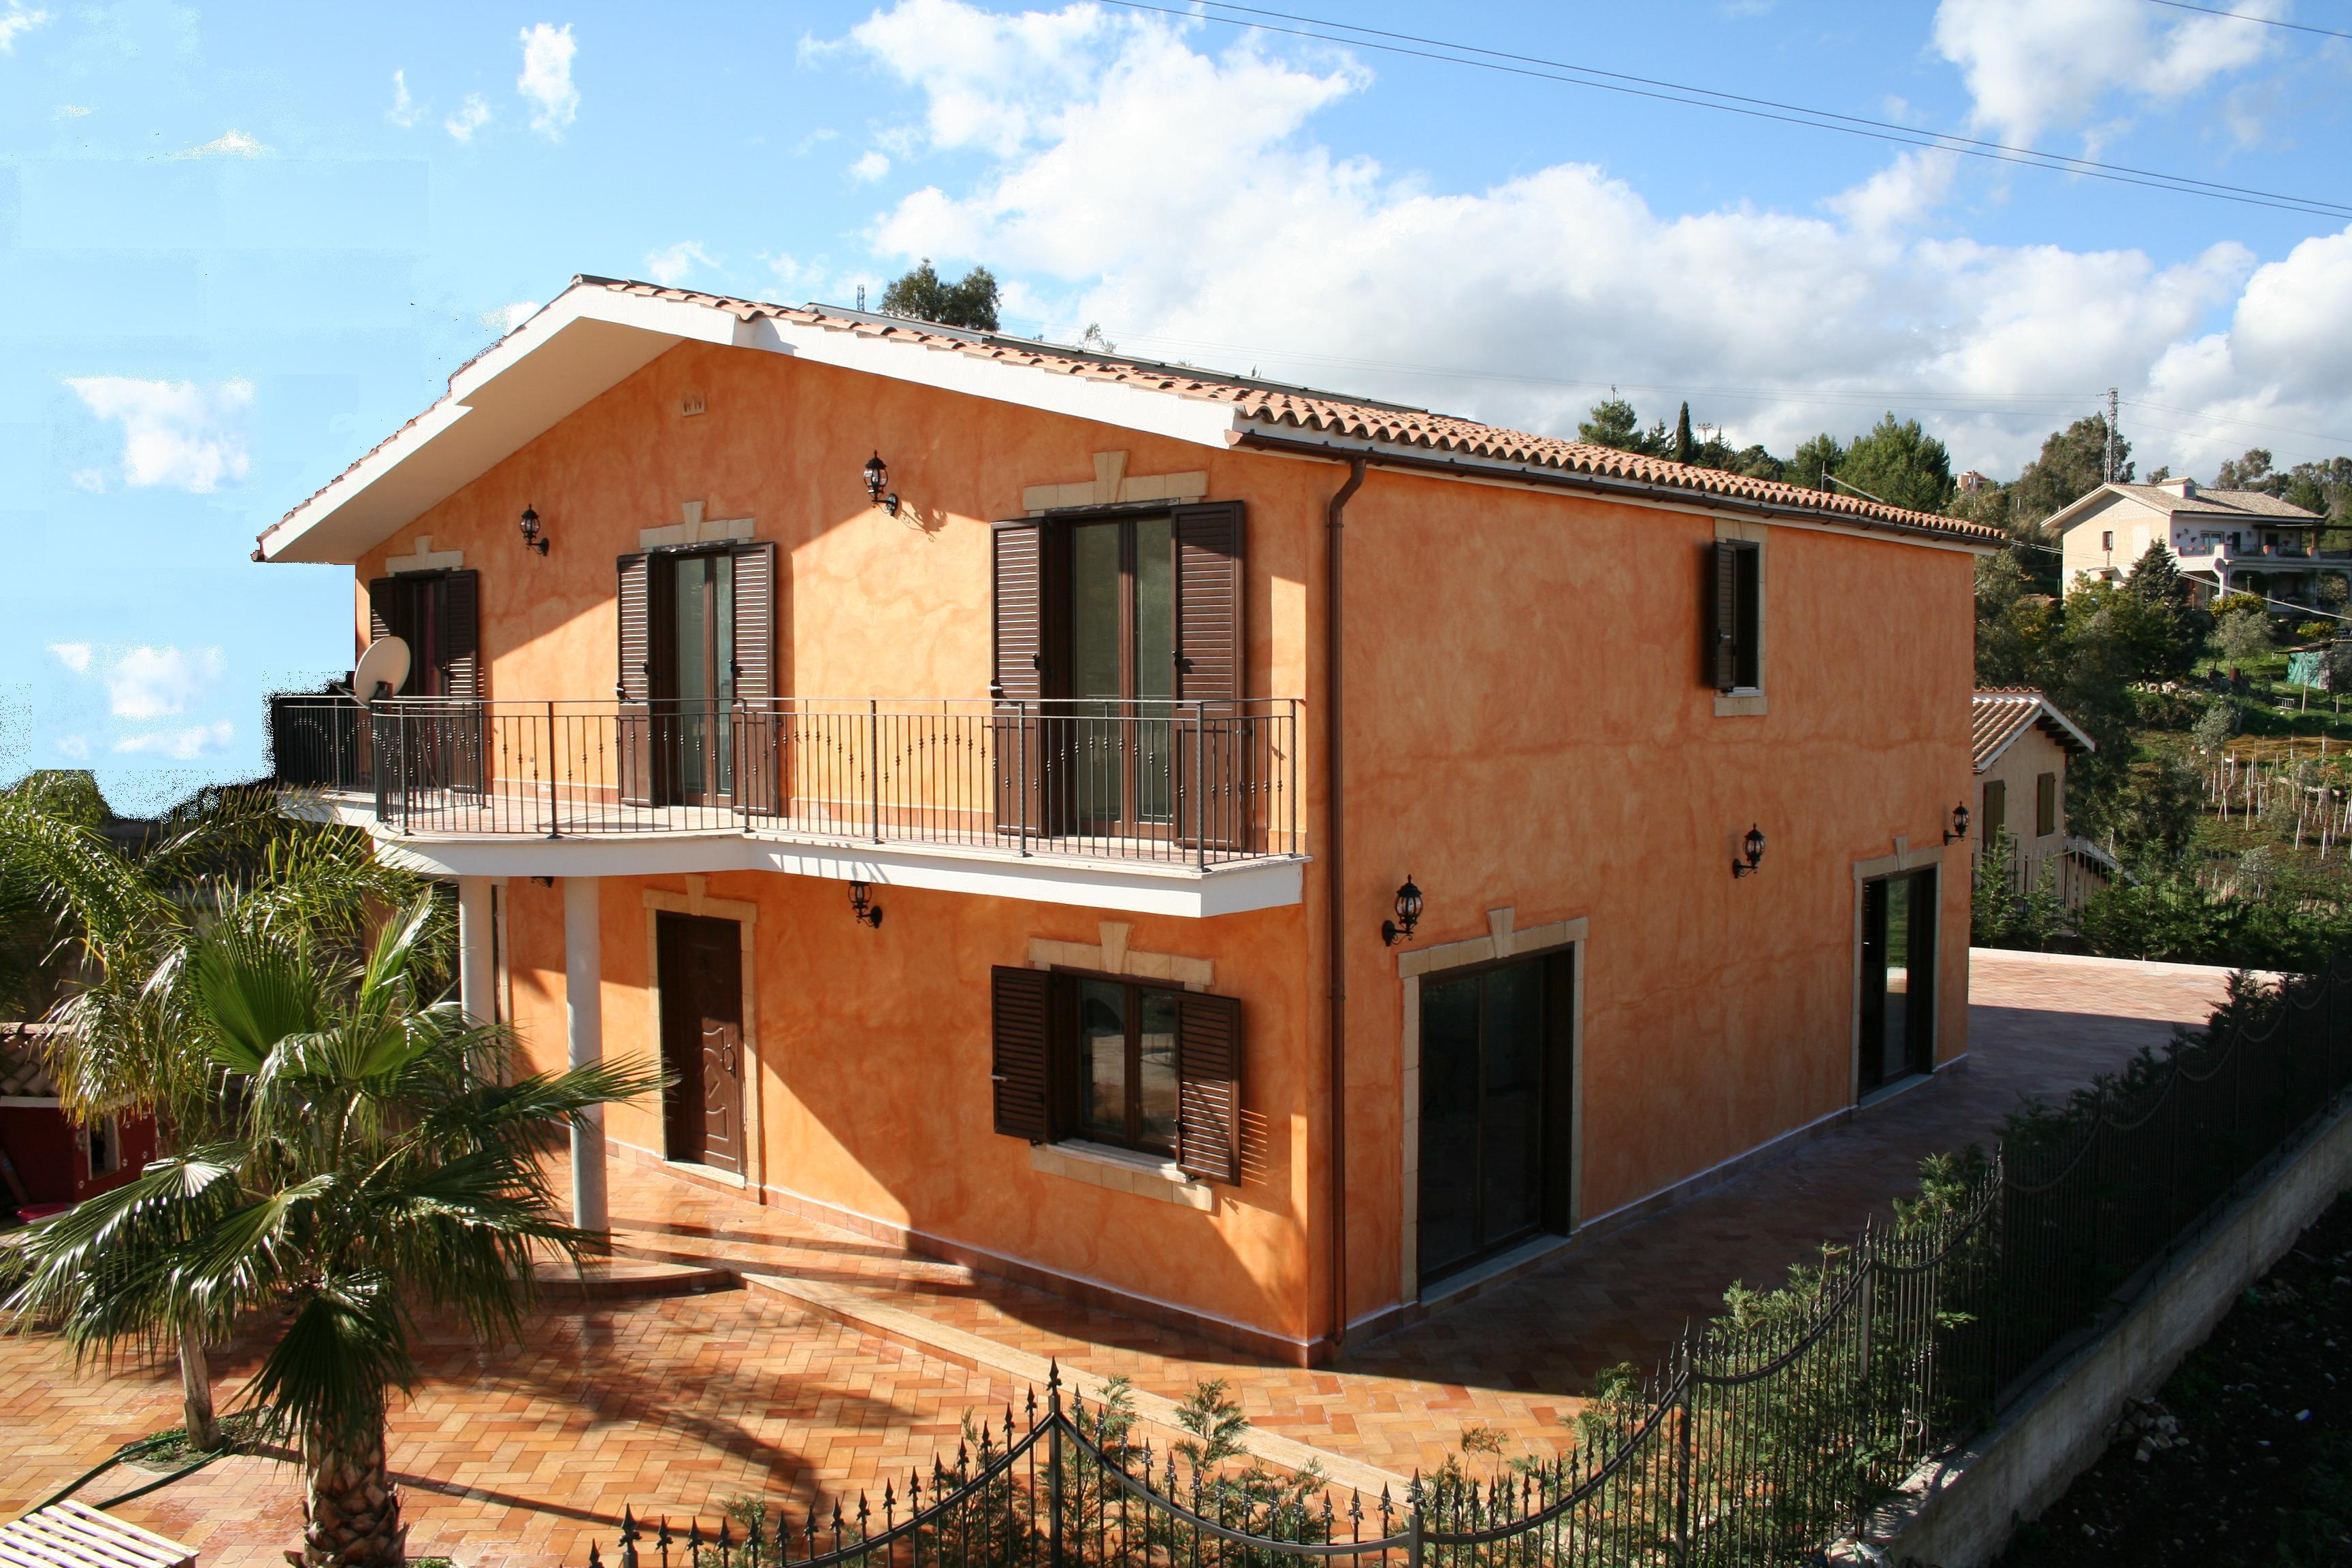 Case prefabbricate sicilia precostruedile case for Case prefabbricate moderne sicilia